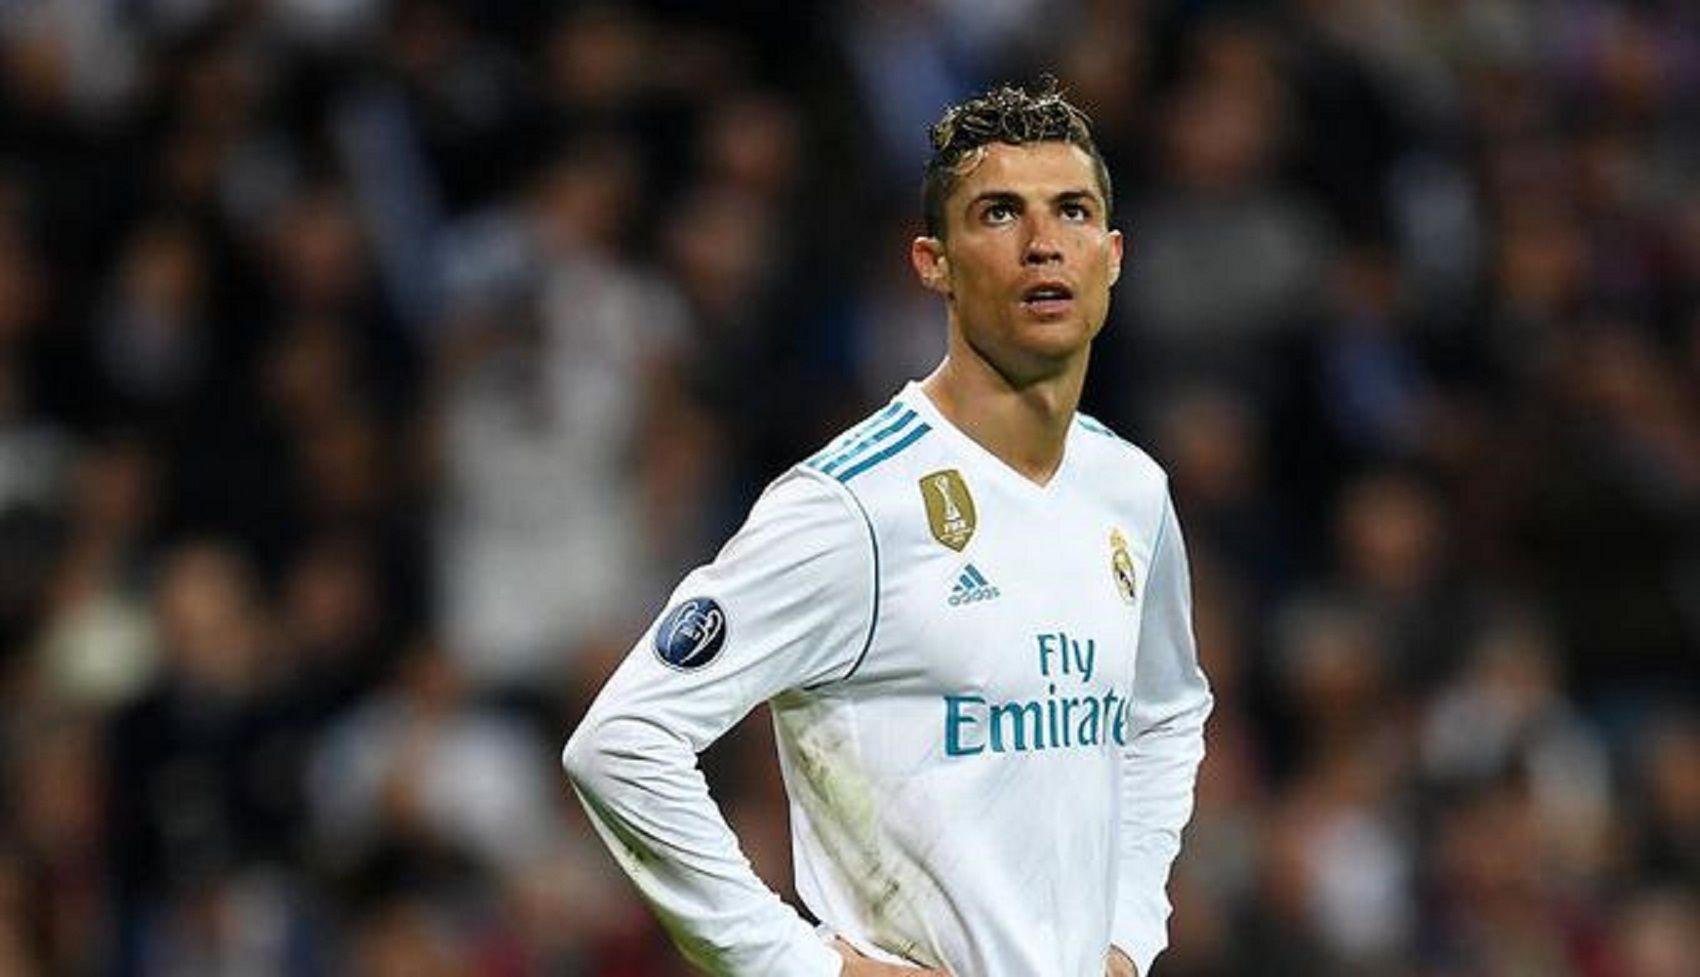 ¡Bombazo! Real Madrid ya eligió quién será el reemplazante de Cristiano Ronaldo